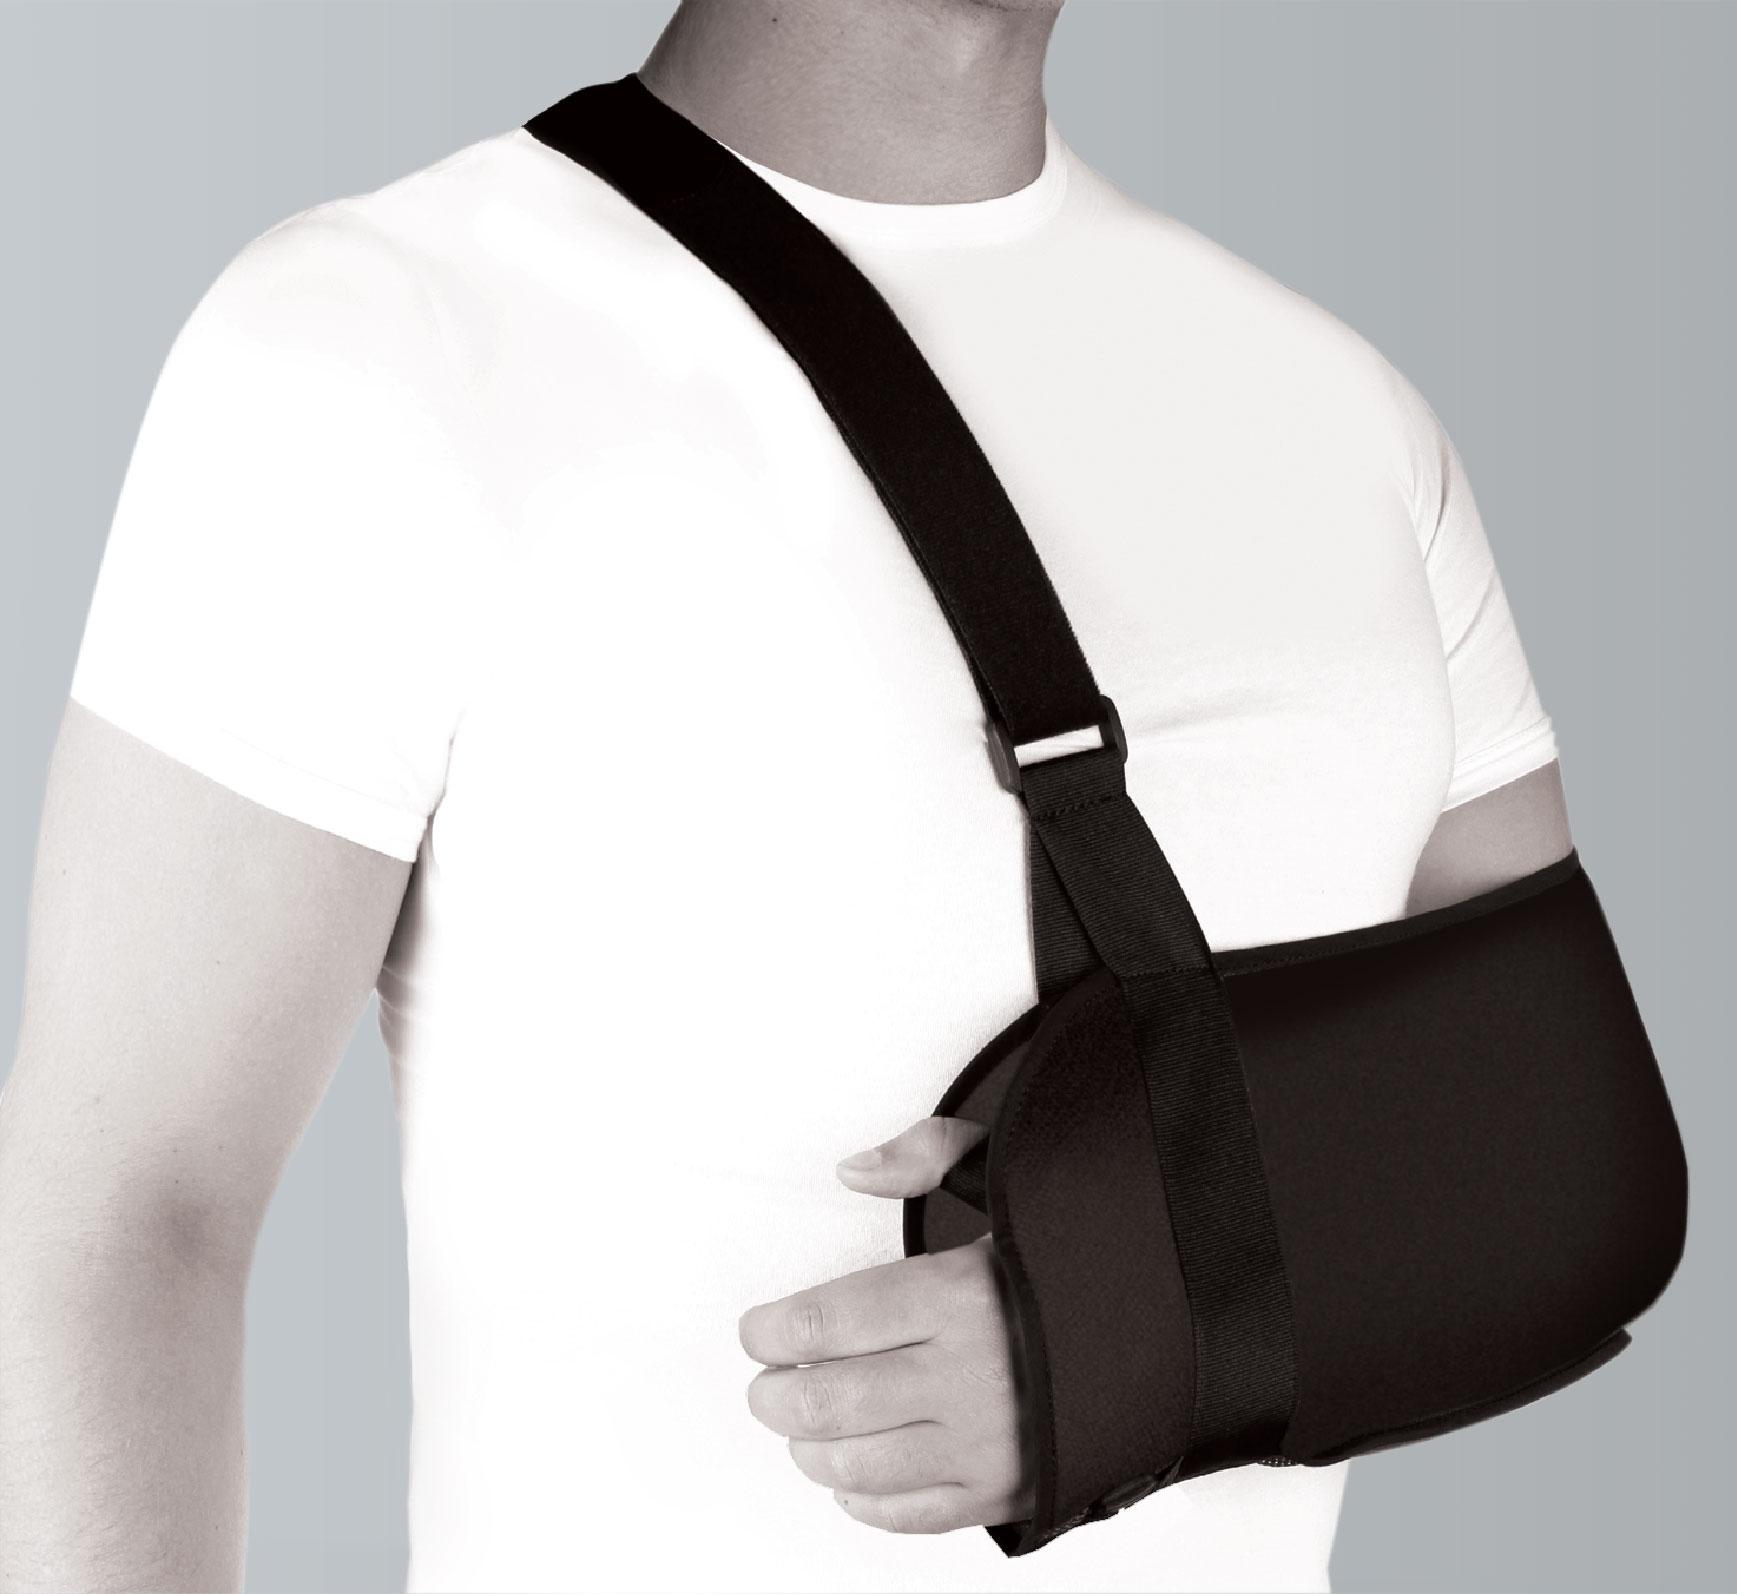 Bandage on the shoulder joint (Kosinka) TI-255